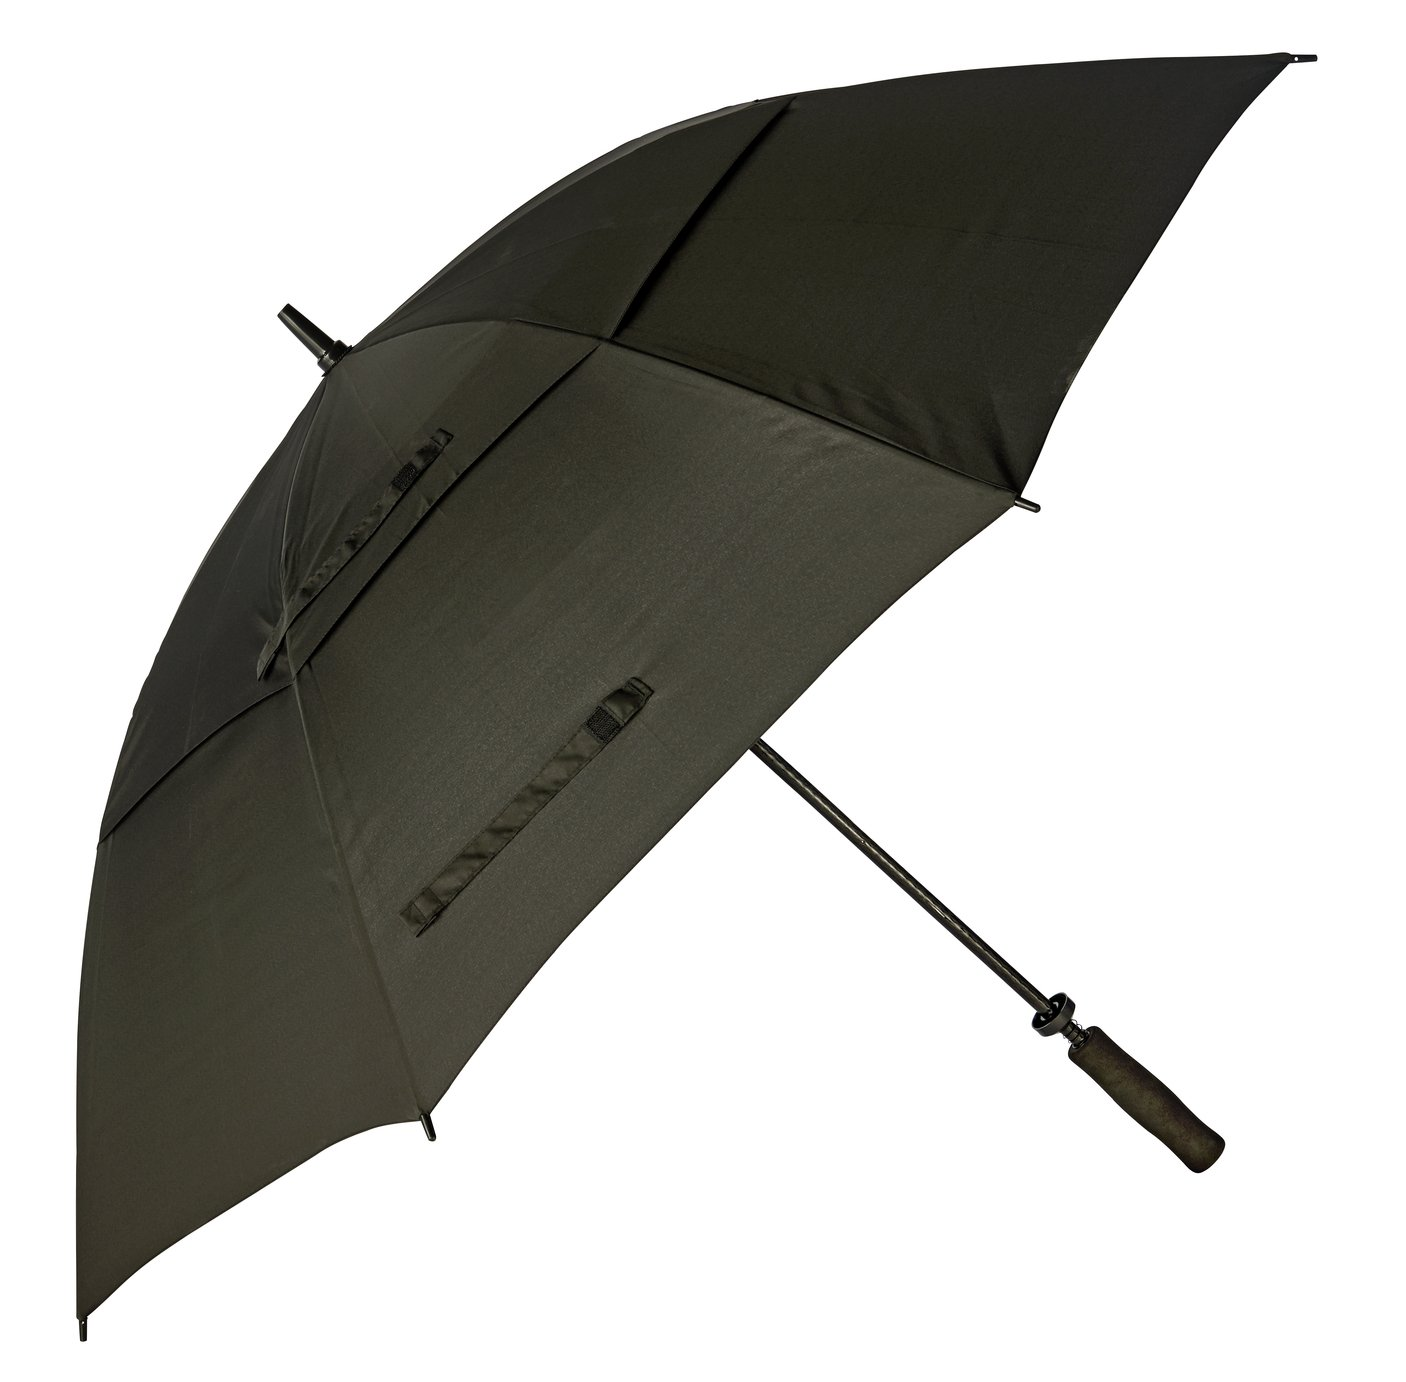 Oasis 30 Inch Vented Golf Umbrella